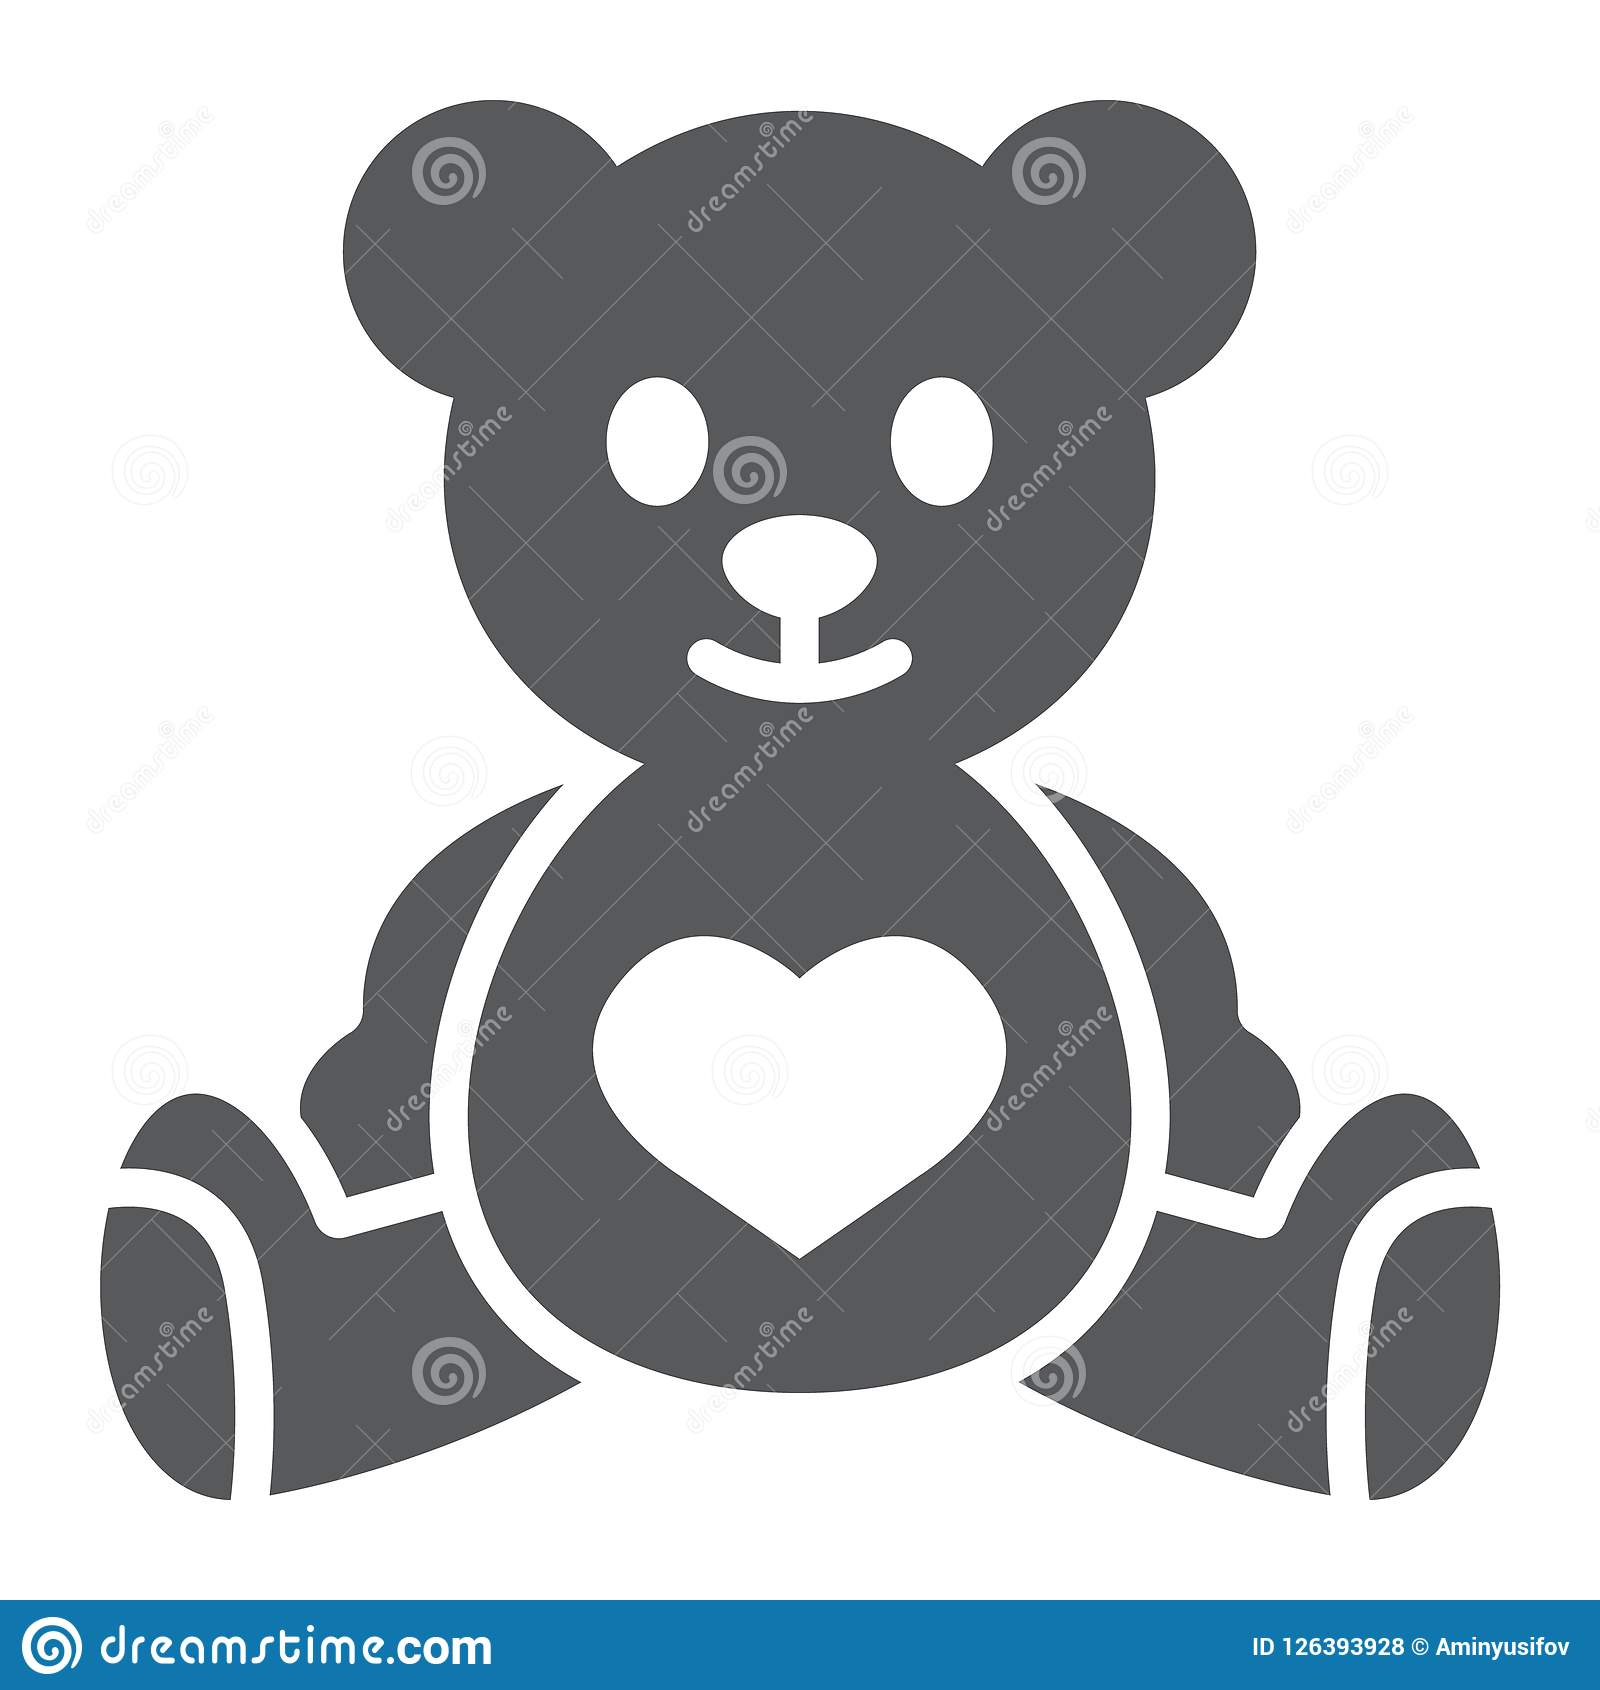 Το Teddy αντέχει glyph το εικονίδιο, το παιδί και το παιχνίδι, ζωικό σημάδι, διανυσματική γραφική παράσταση, ένα στερεό σχέδιο σε